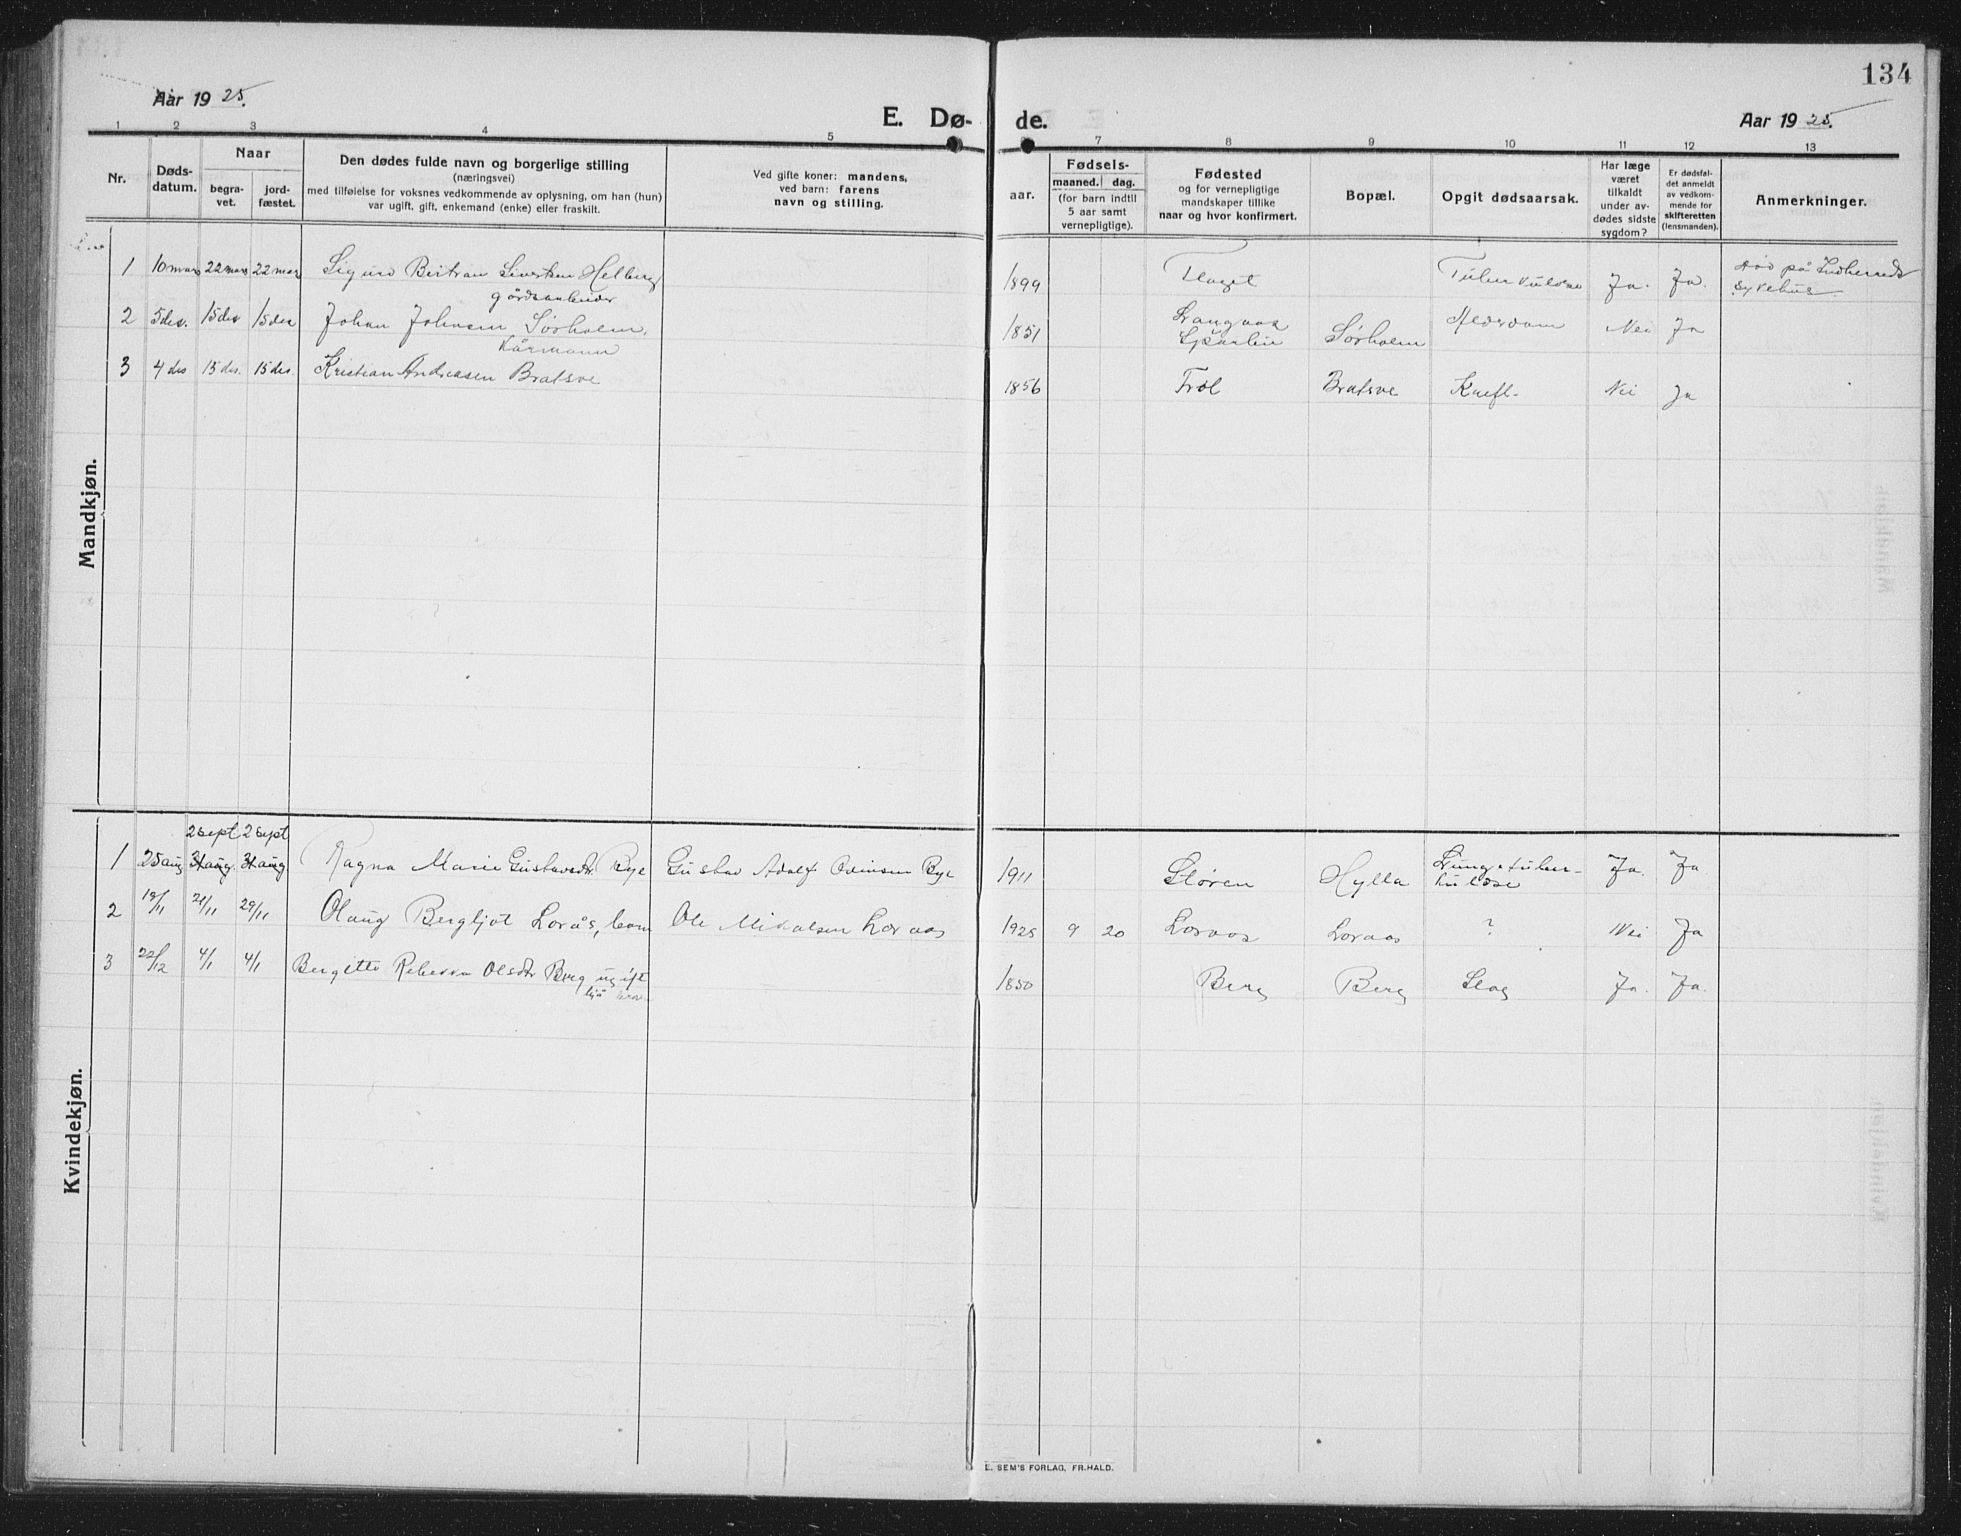 SAT, Ministerialprotokoller, klokkerbøker og fødselsregistre - Nord-Trøndelag, 731/L0312: Klokkerbok nr. 731C03, 1911-1935, s. 134